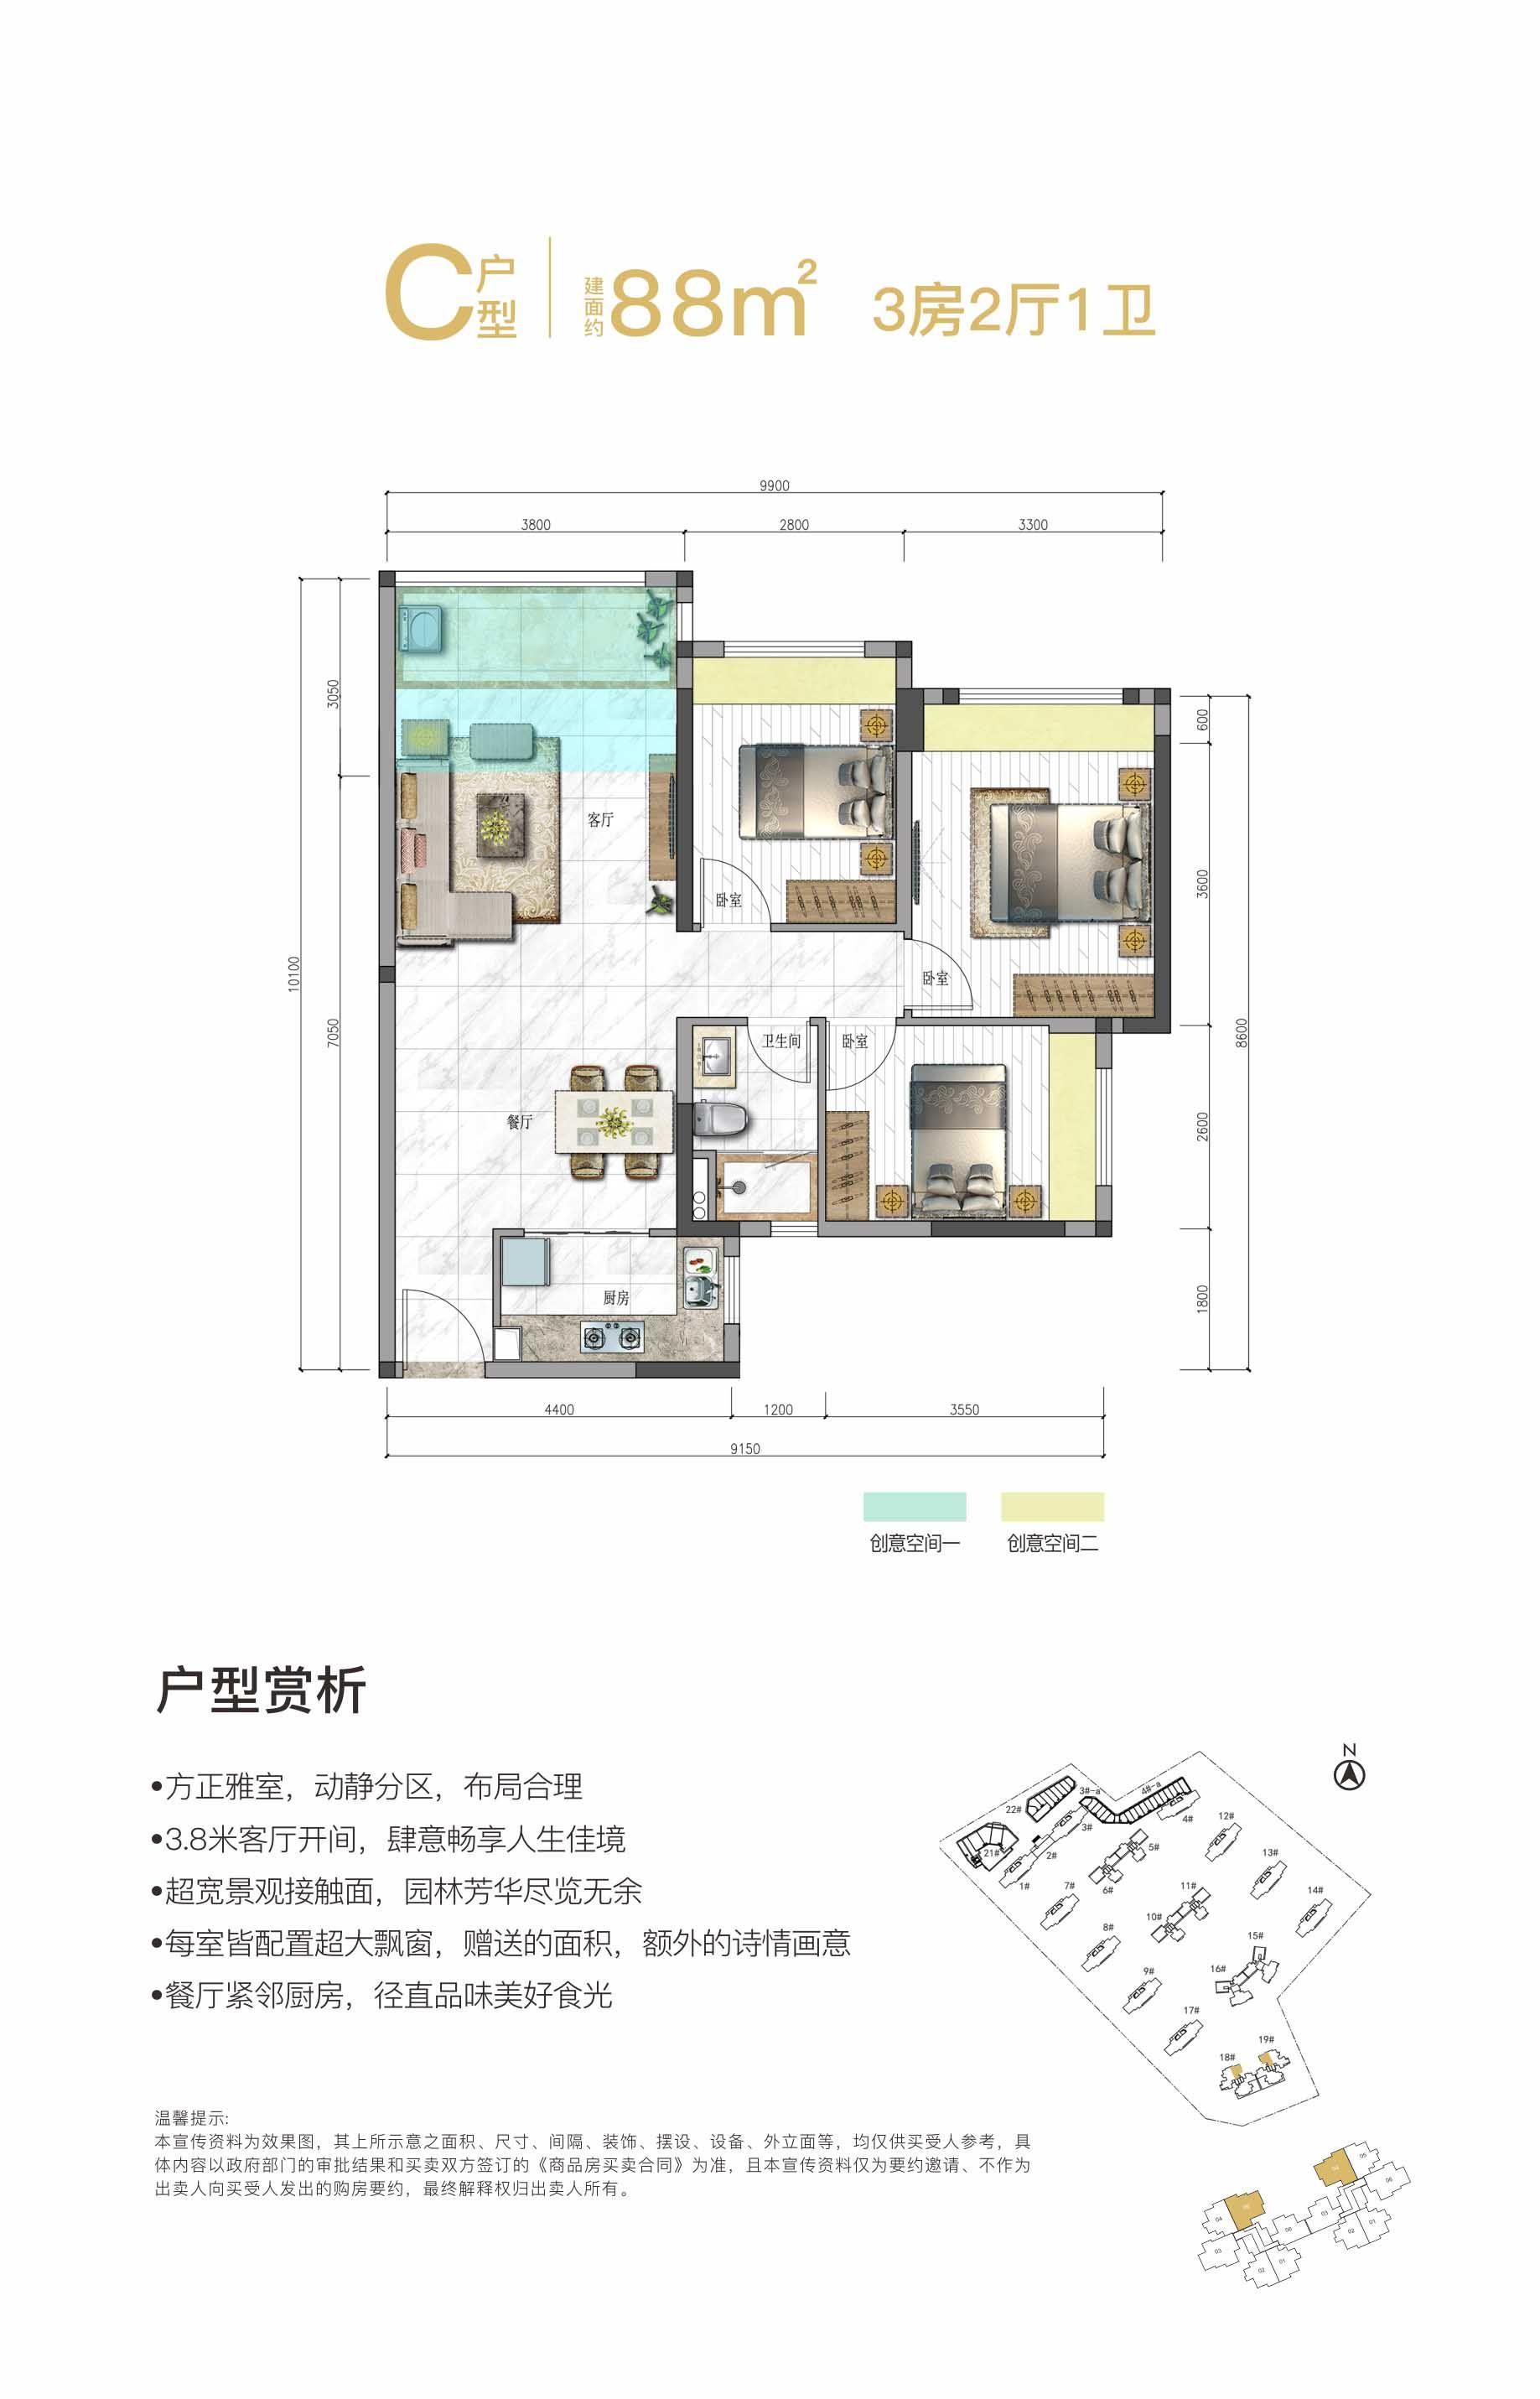 奥园天悦湾C户型3室2厅1卫1厨建筑面积88㎡